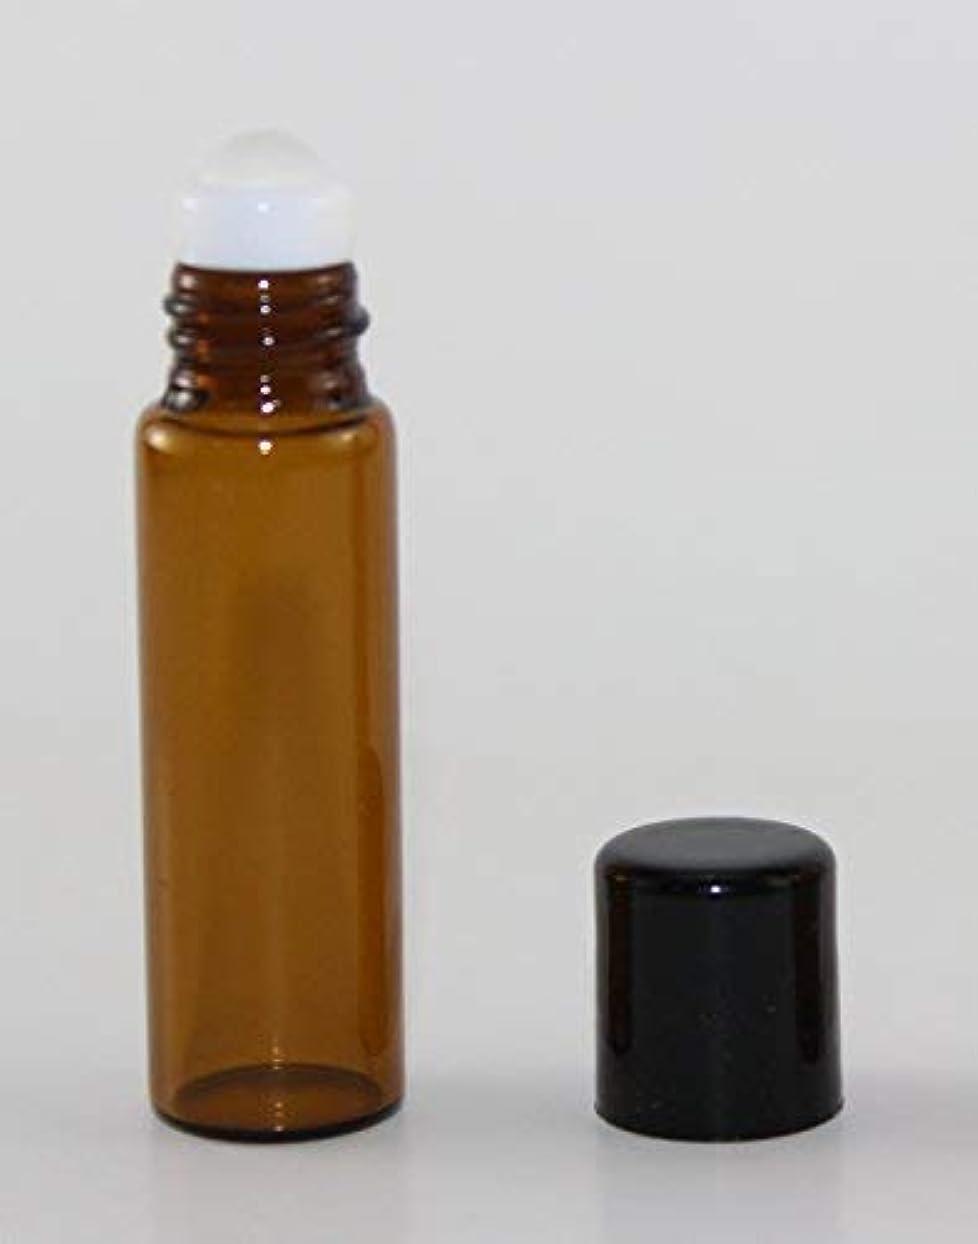 徹底的に一時的完璧USA 72 Amber Glass 5 ml Roll-On Glass Bottles with GLASS Roller Roll On Balls - Refillable Aromatherapy Essential...